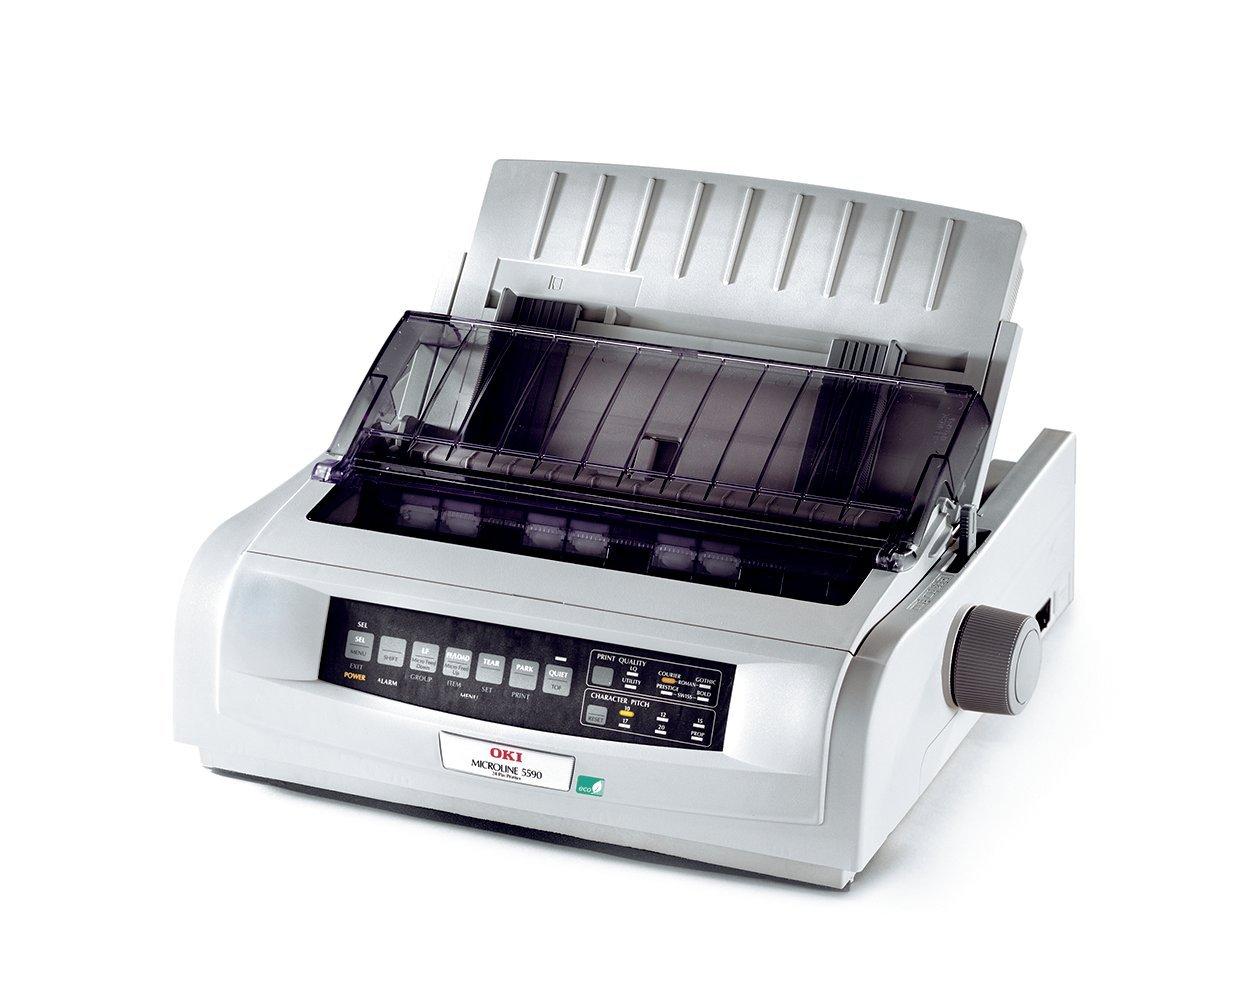 OKI ML5590eco 24-Pin-Nadeldrucker